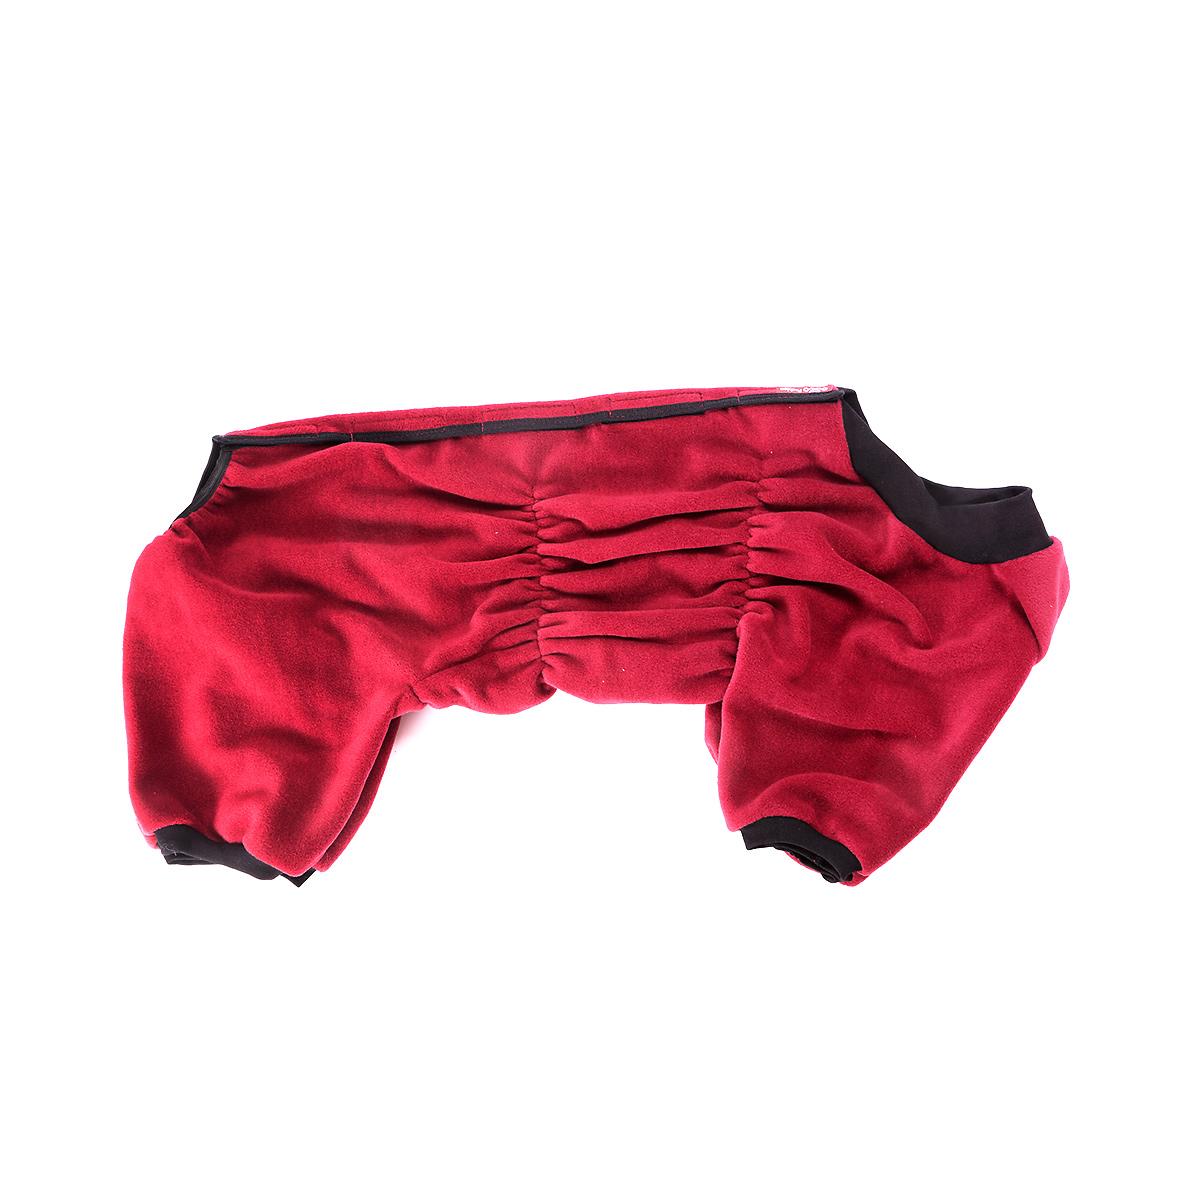 Комбинезон для собак OSSO Fashion, для девочки, цвет: бордовый. Размер 2812171996Комбинезон для собак OSSO Fashion выполнен из флиса. Комфортная посадка по корпусу достигается за счет резинок-утяжек под грудью и животом. На воротнике имеются завязки, для дополнительной фиксации. Можно носить самостоятельно и как поддевку под комбинезон для собак. Изделие отлично стирается, быстро сохнет.Длина спинки: 28 см.Объем груди: 32-42 см.